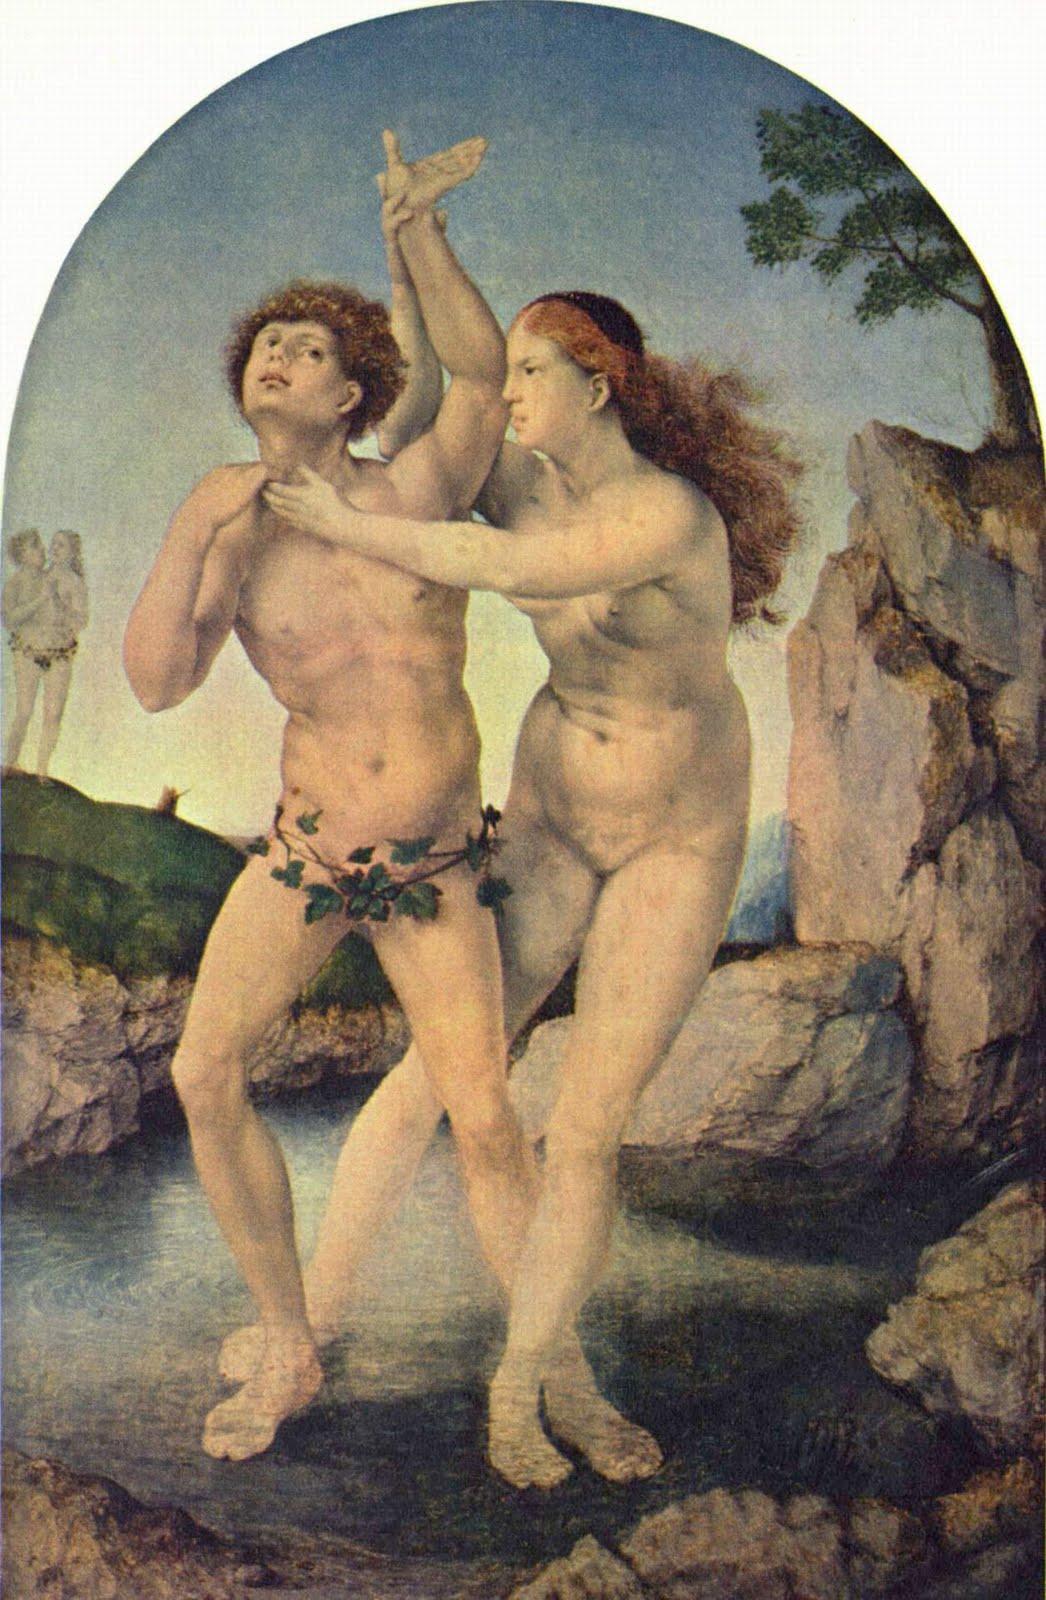 Фото человека с двумя половыми органами 14 фотография